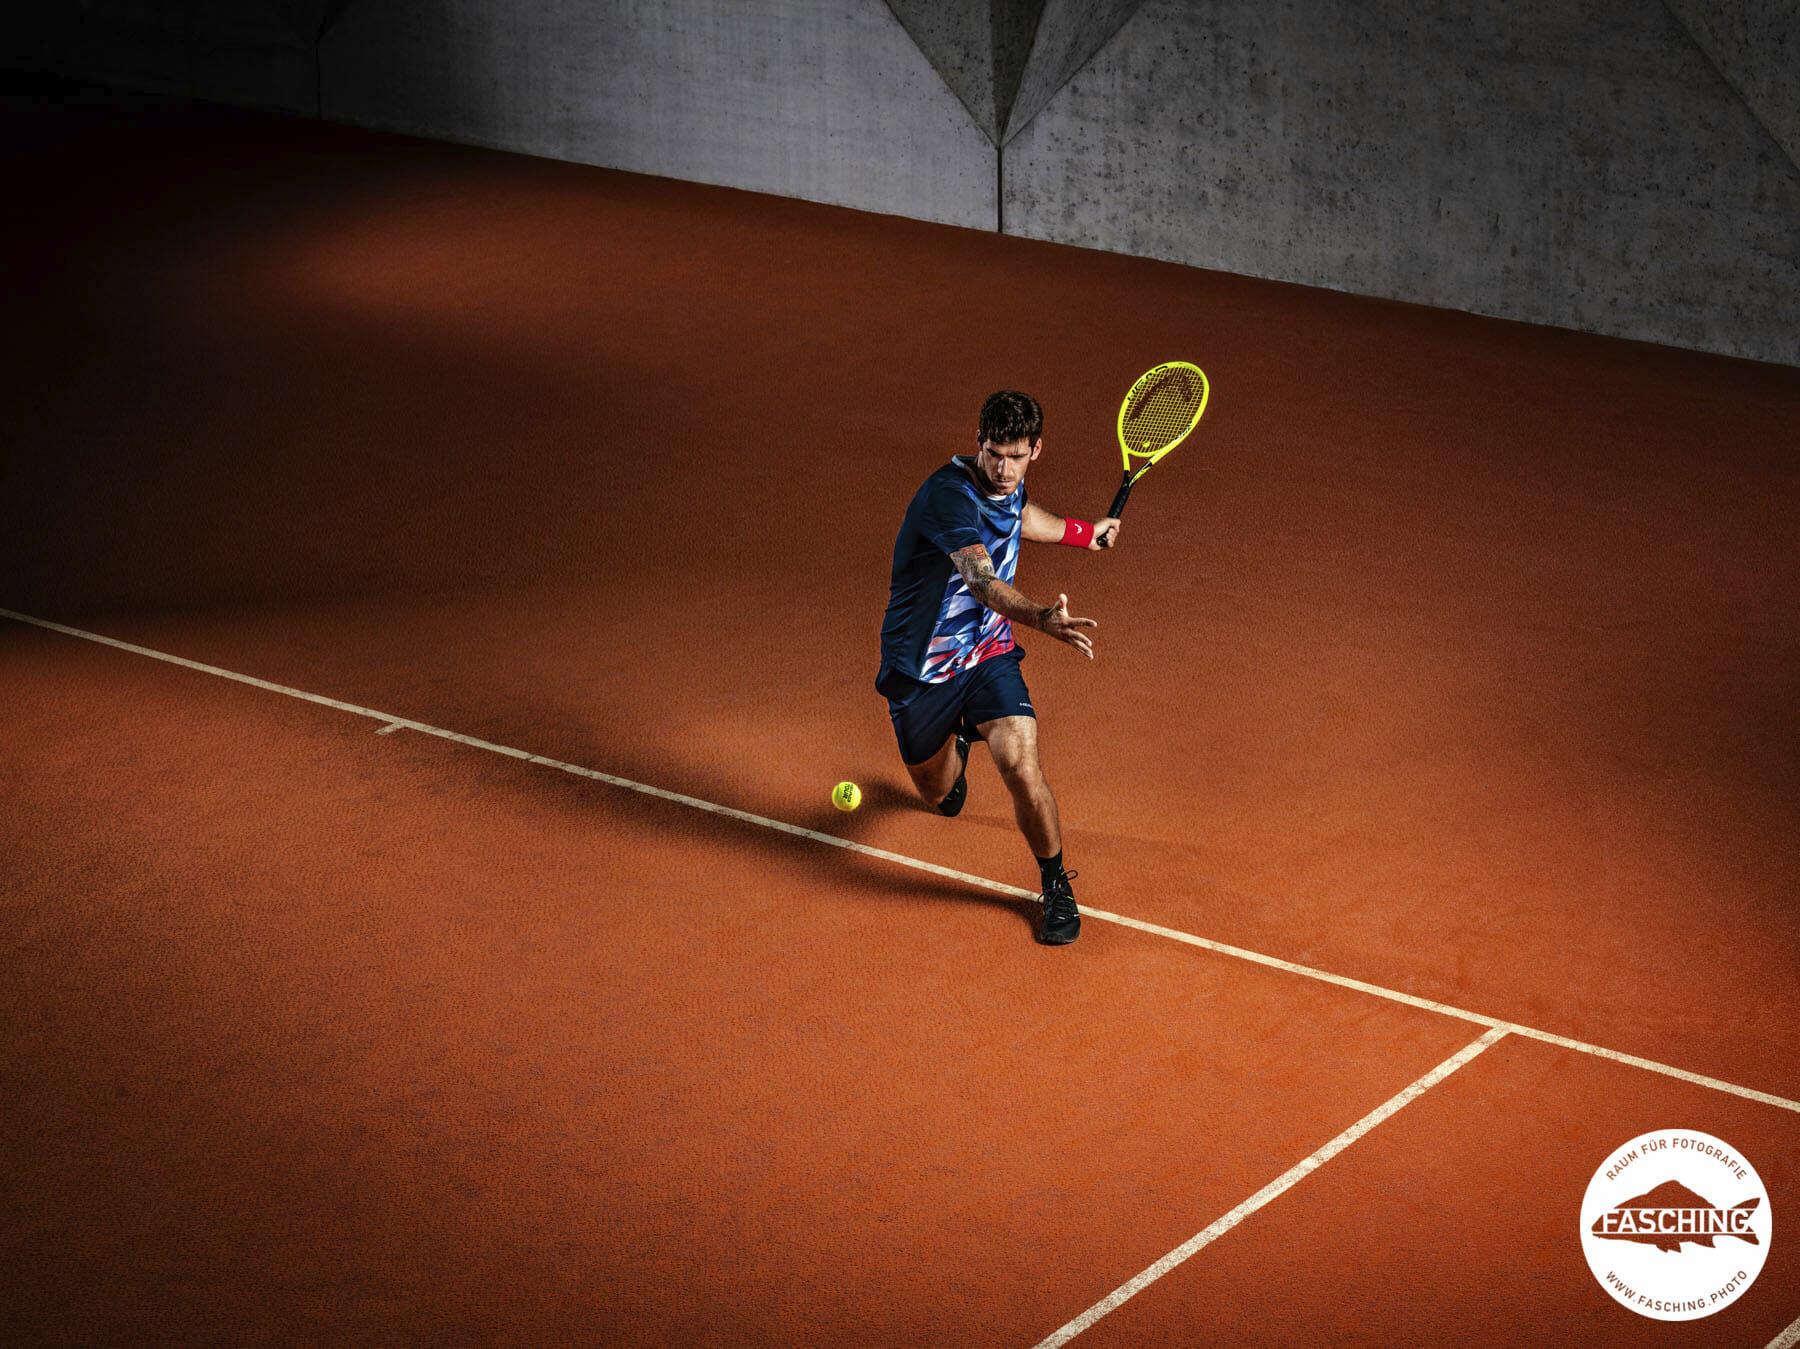 inszenierte Sportfotografie von Luca Fasching. Der Tennisprofi Gerhard Melzer posierte für Head